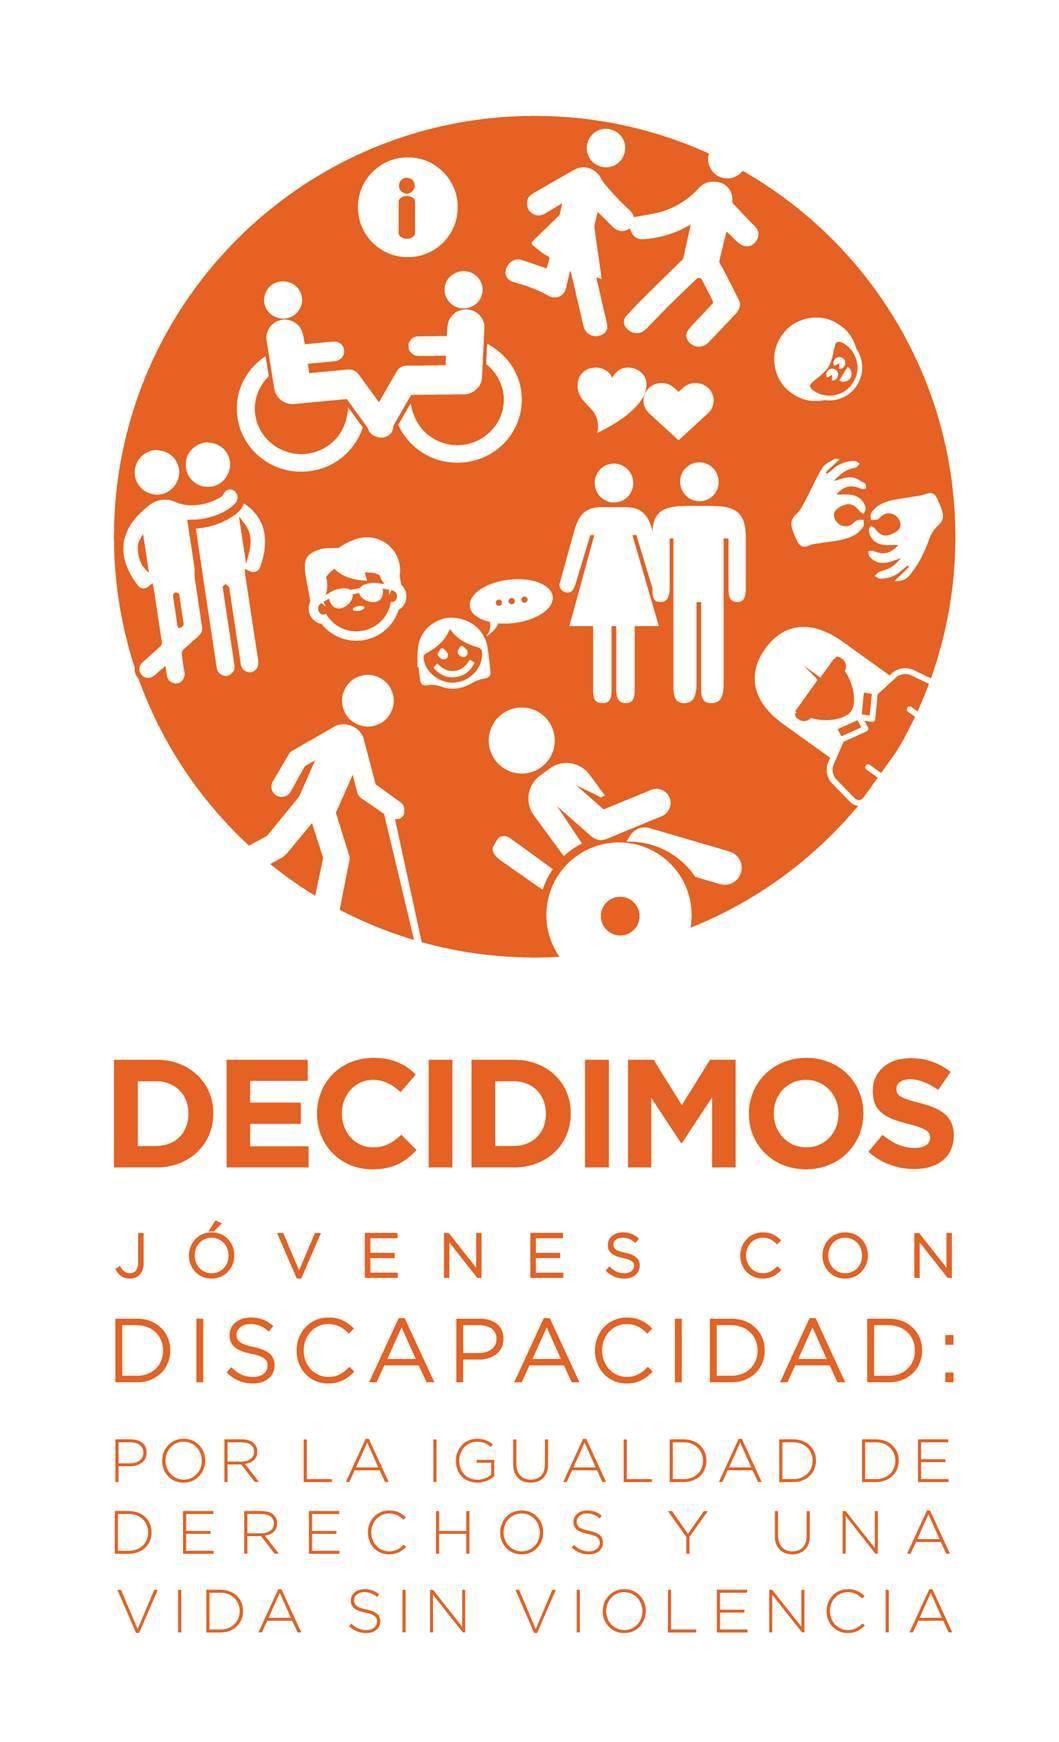 Logo Decidimos, Imagen del logo con texto en color naranja que díce, Decidimos, jóvenes con discapacidad: por la igualdad de derechos y una vida sin violencia.